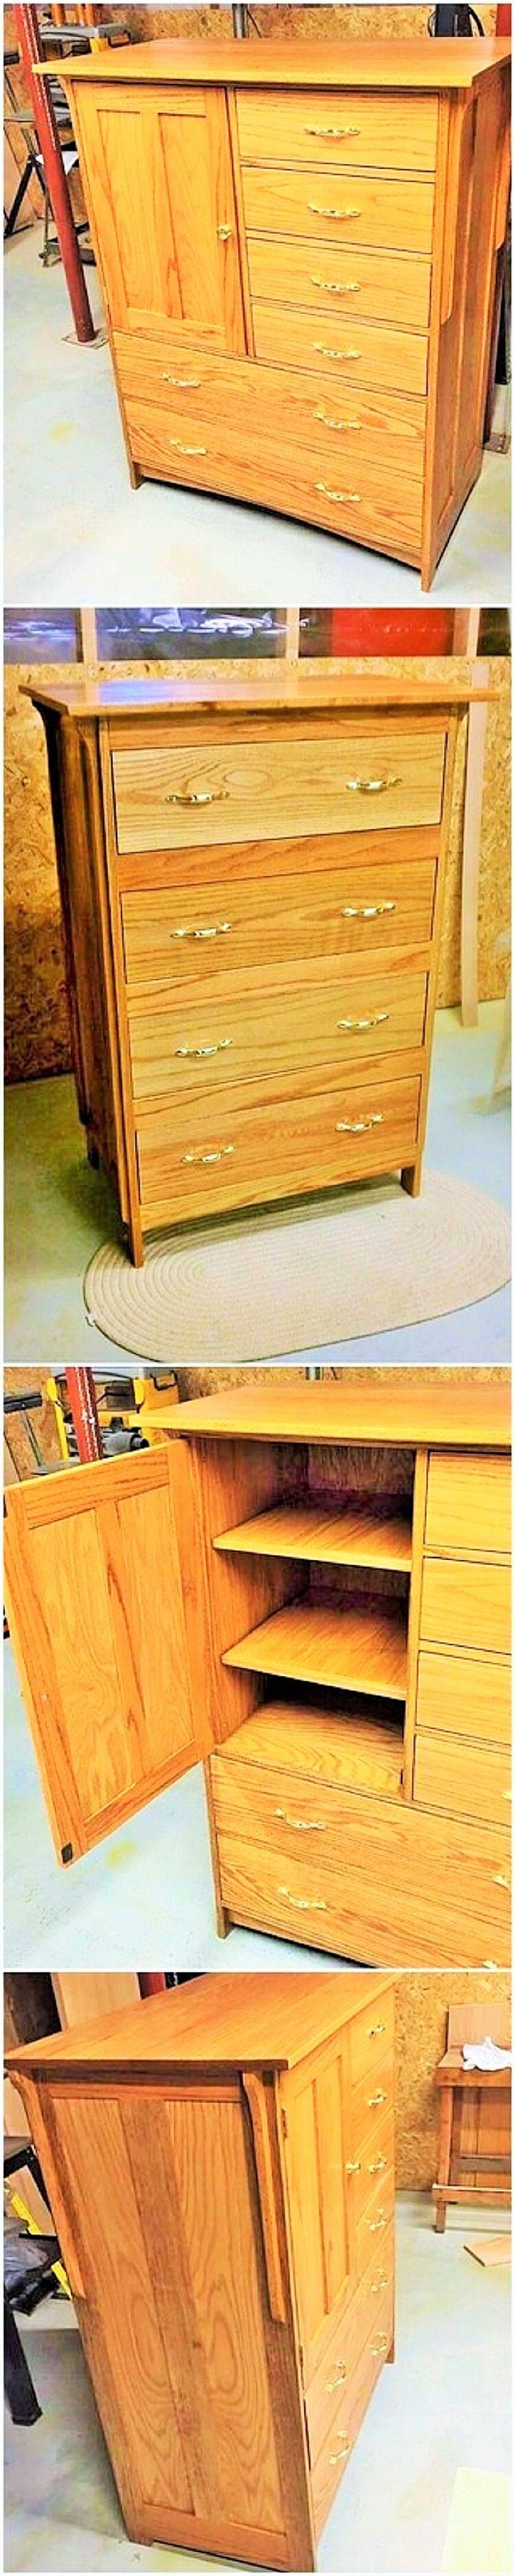 wooden kitchen stand-02